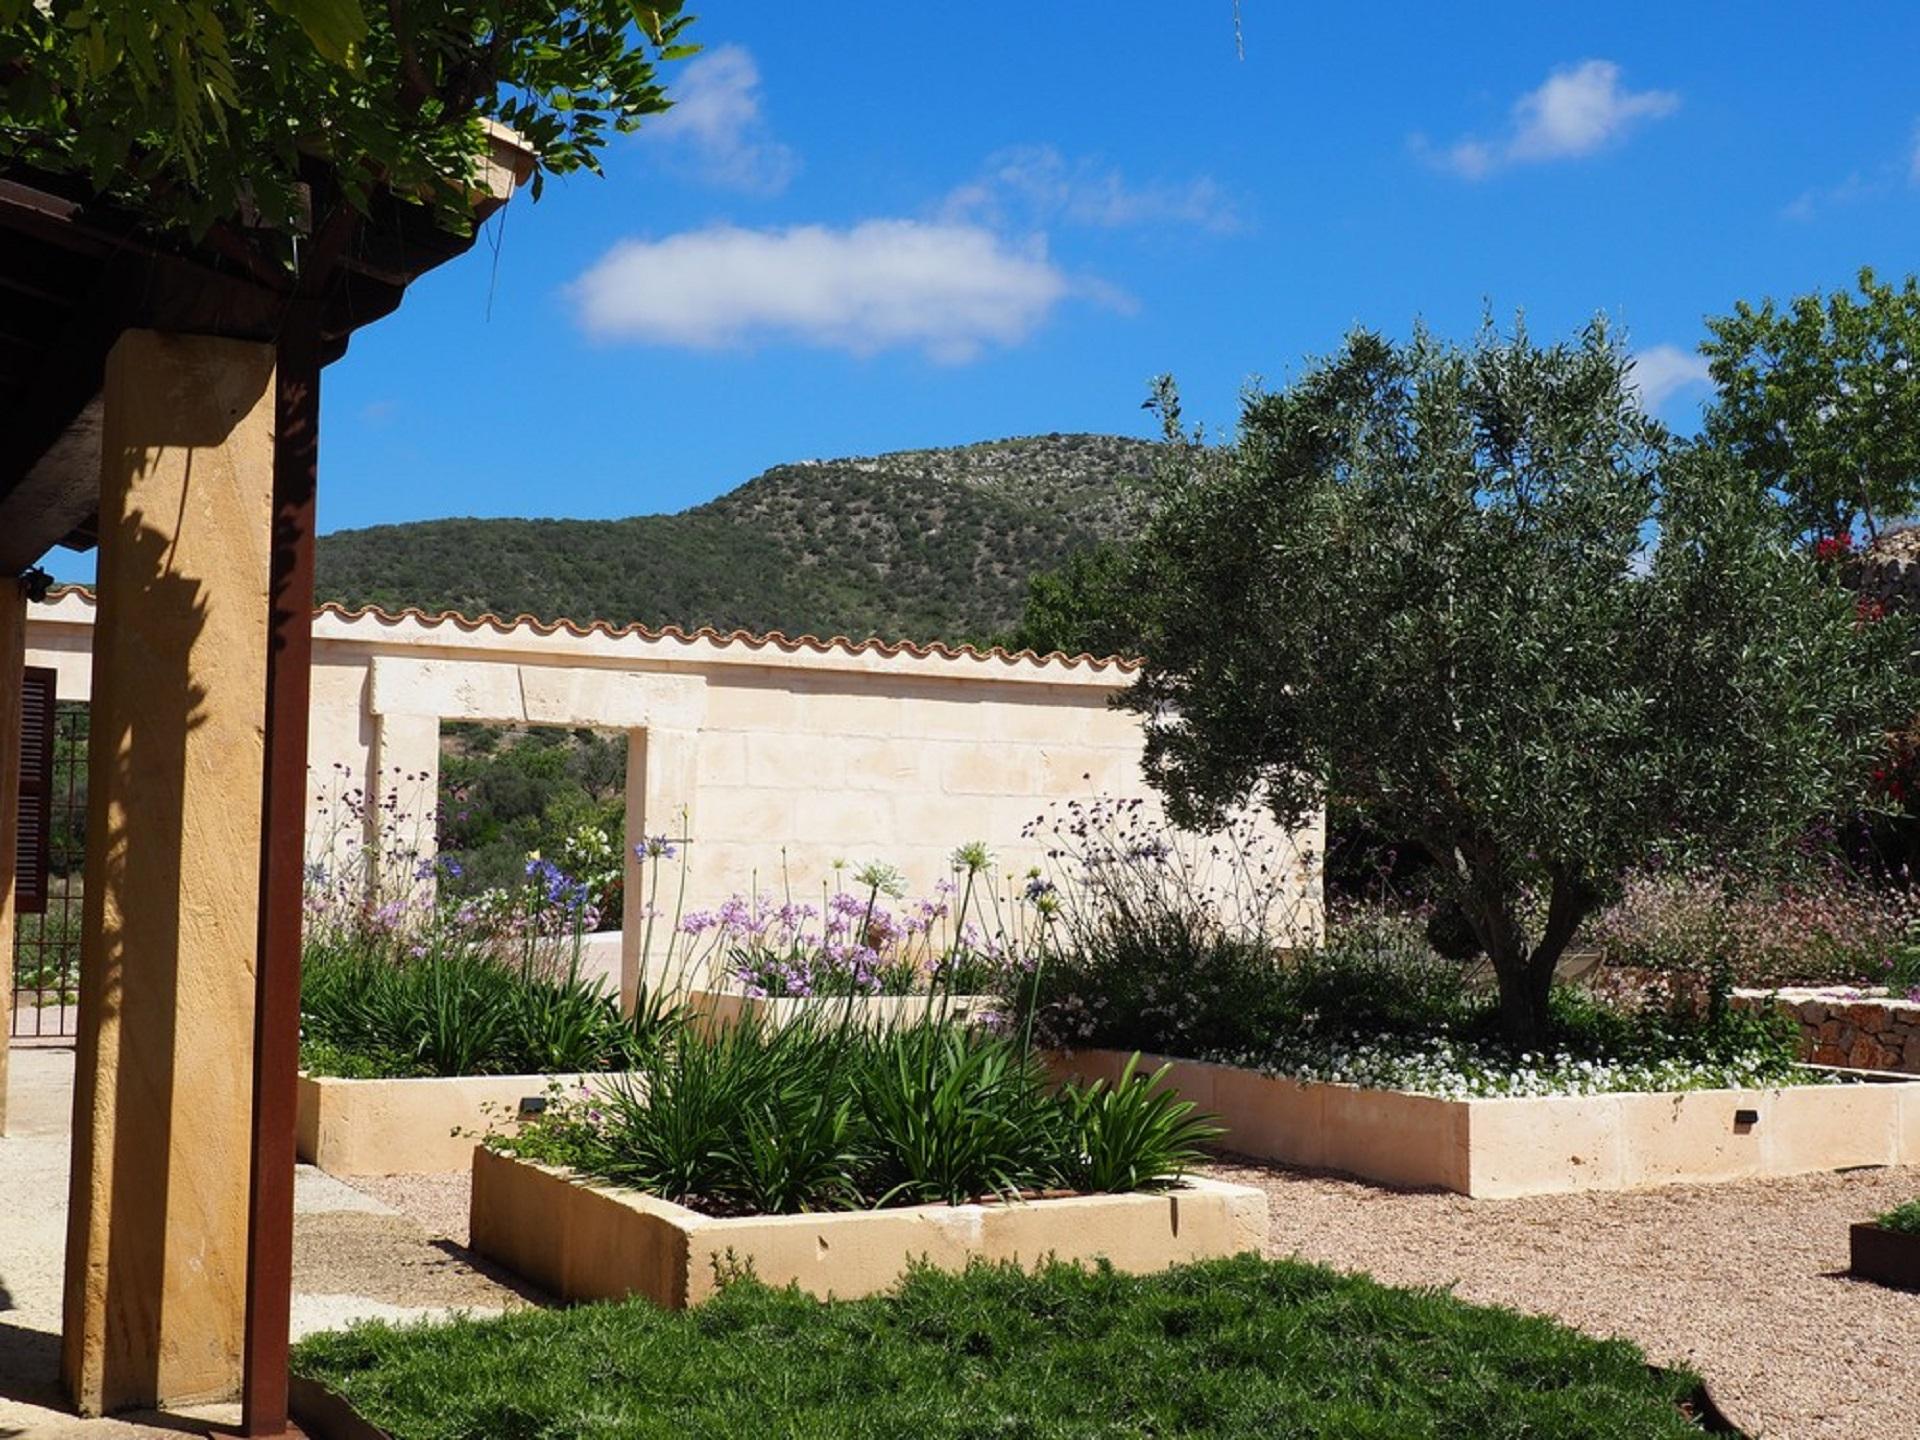 Esempio di progettazione giardino mediterraneo i - Progetto giardino mediterraneo ...